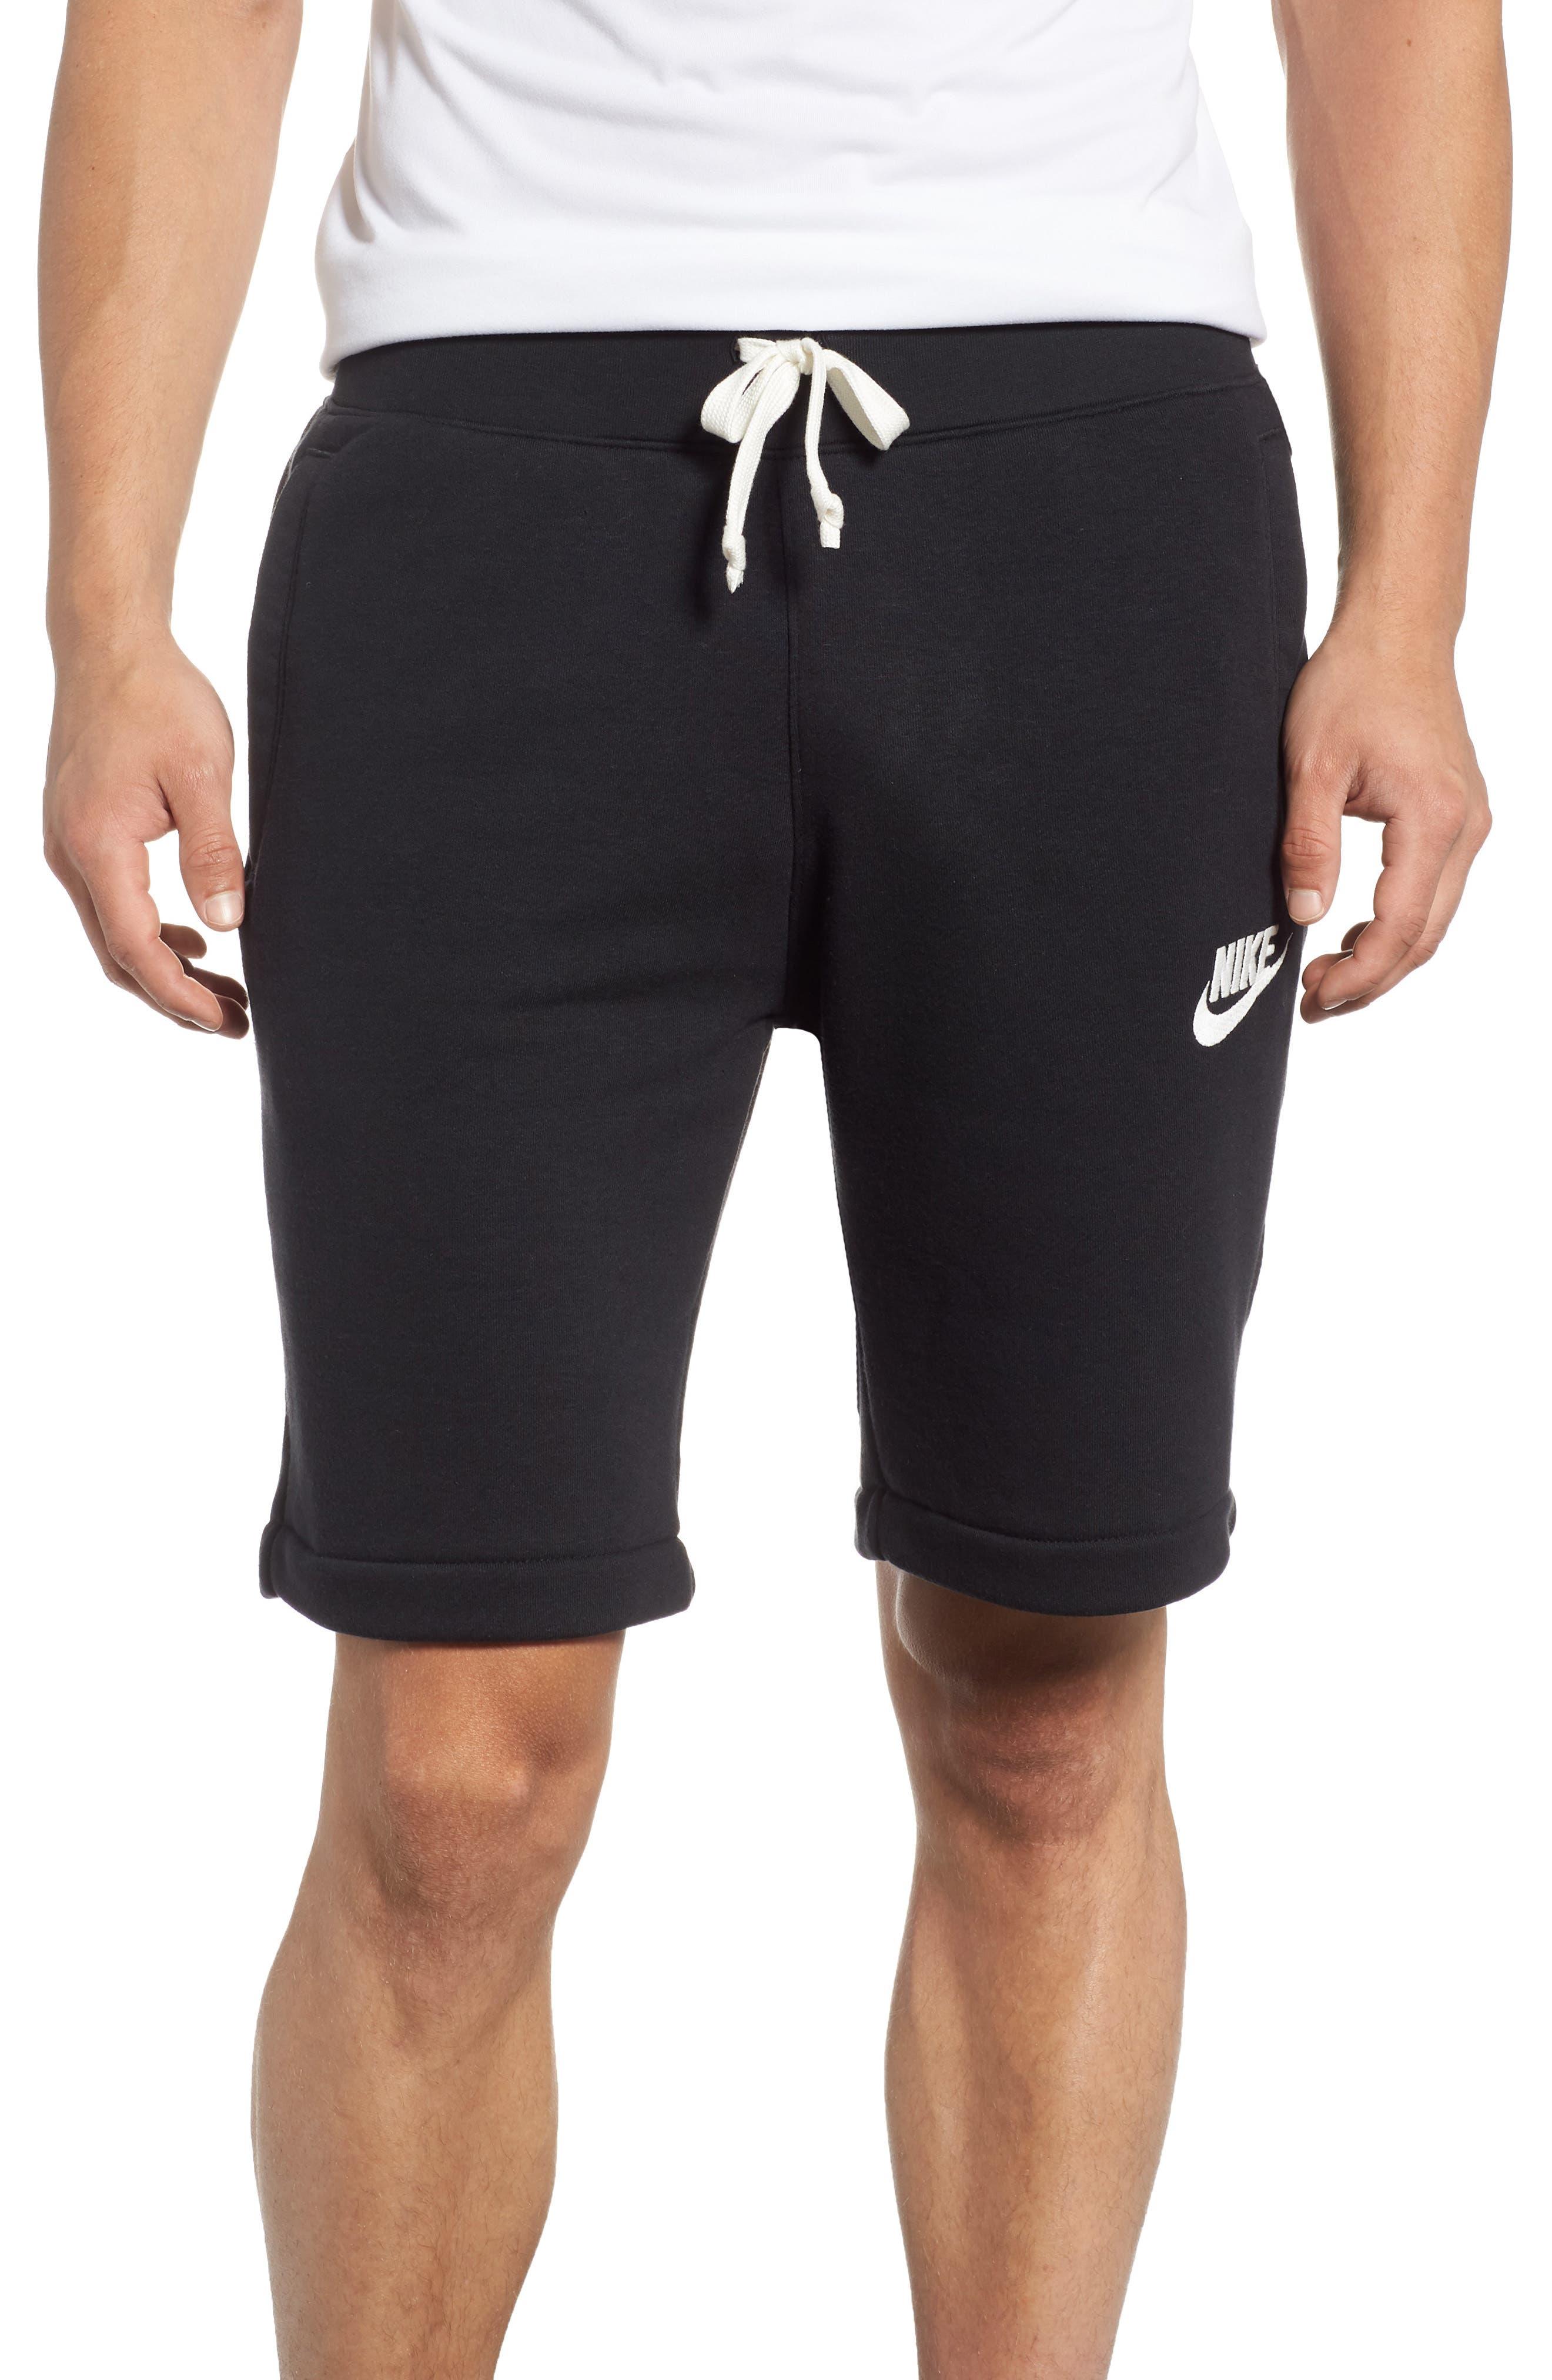 Heritage Knit Shorts,                             Main thumbnail 1, color,                             BLACK/ SAIL